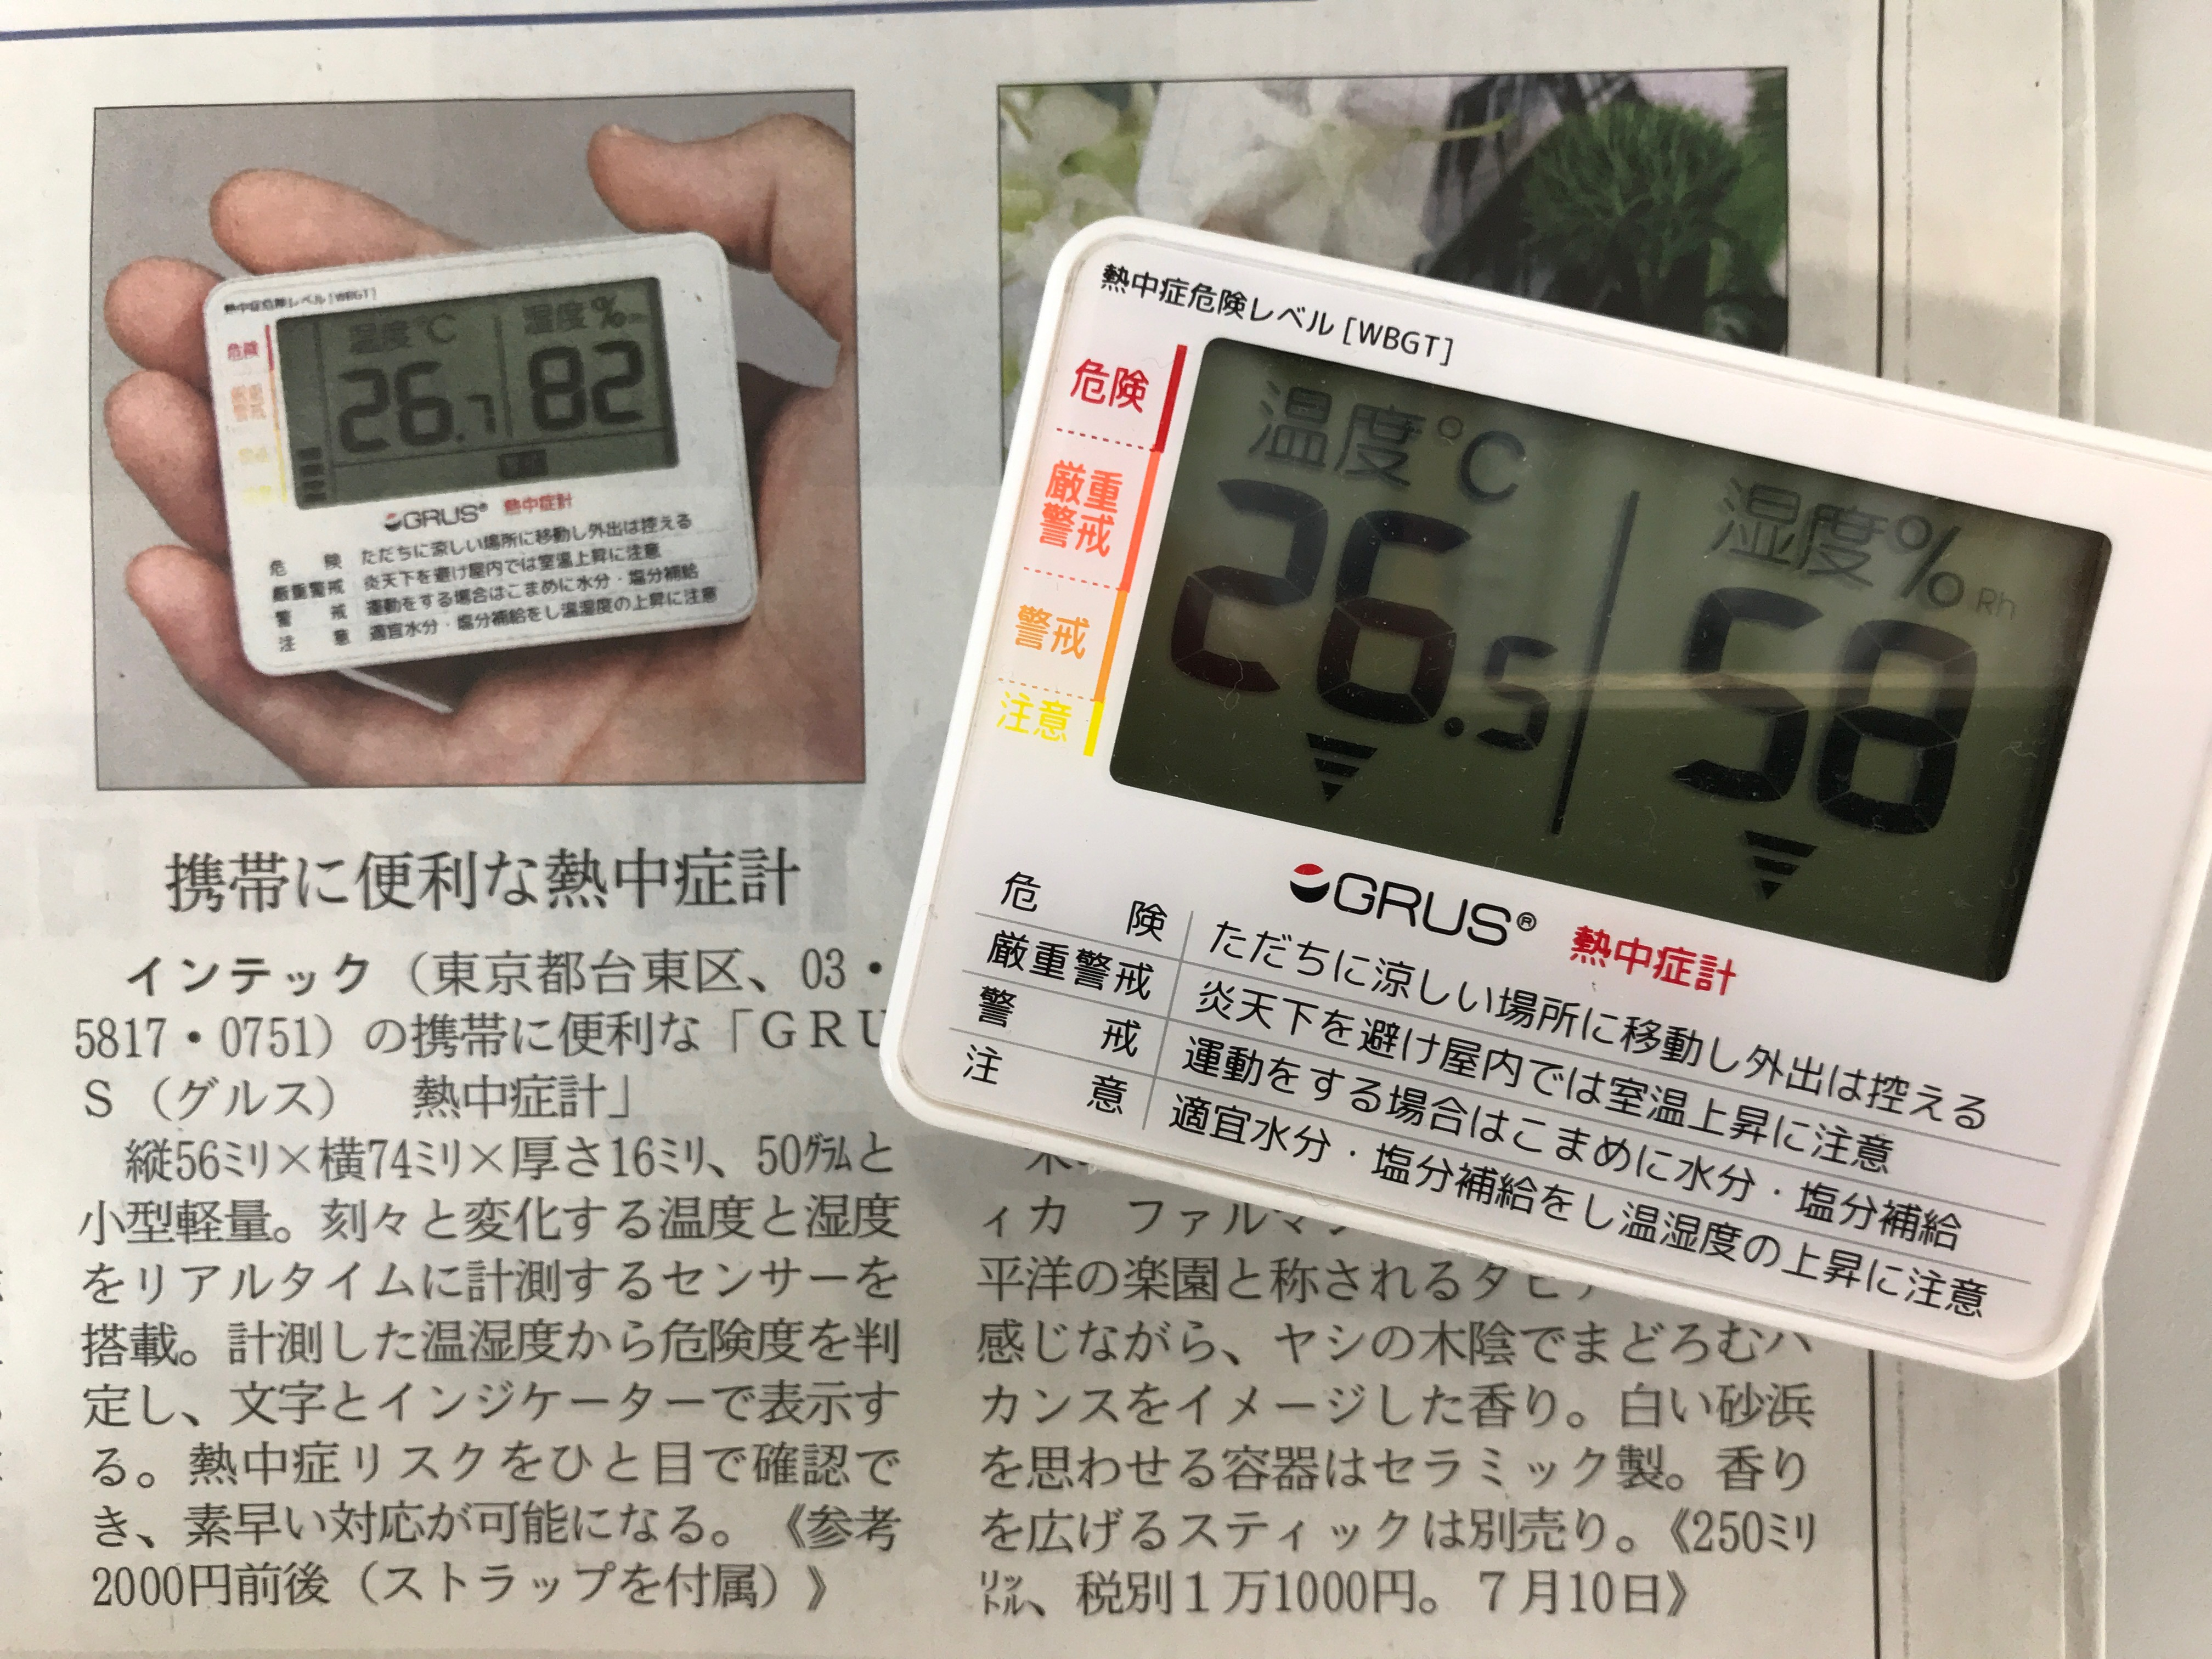 熱中症計の日経MJの掲載記事と本体